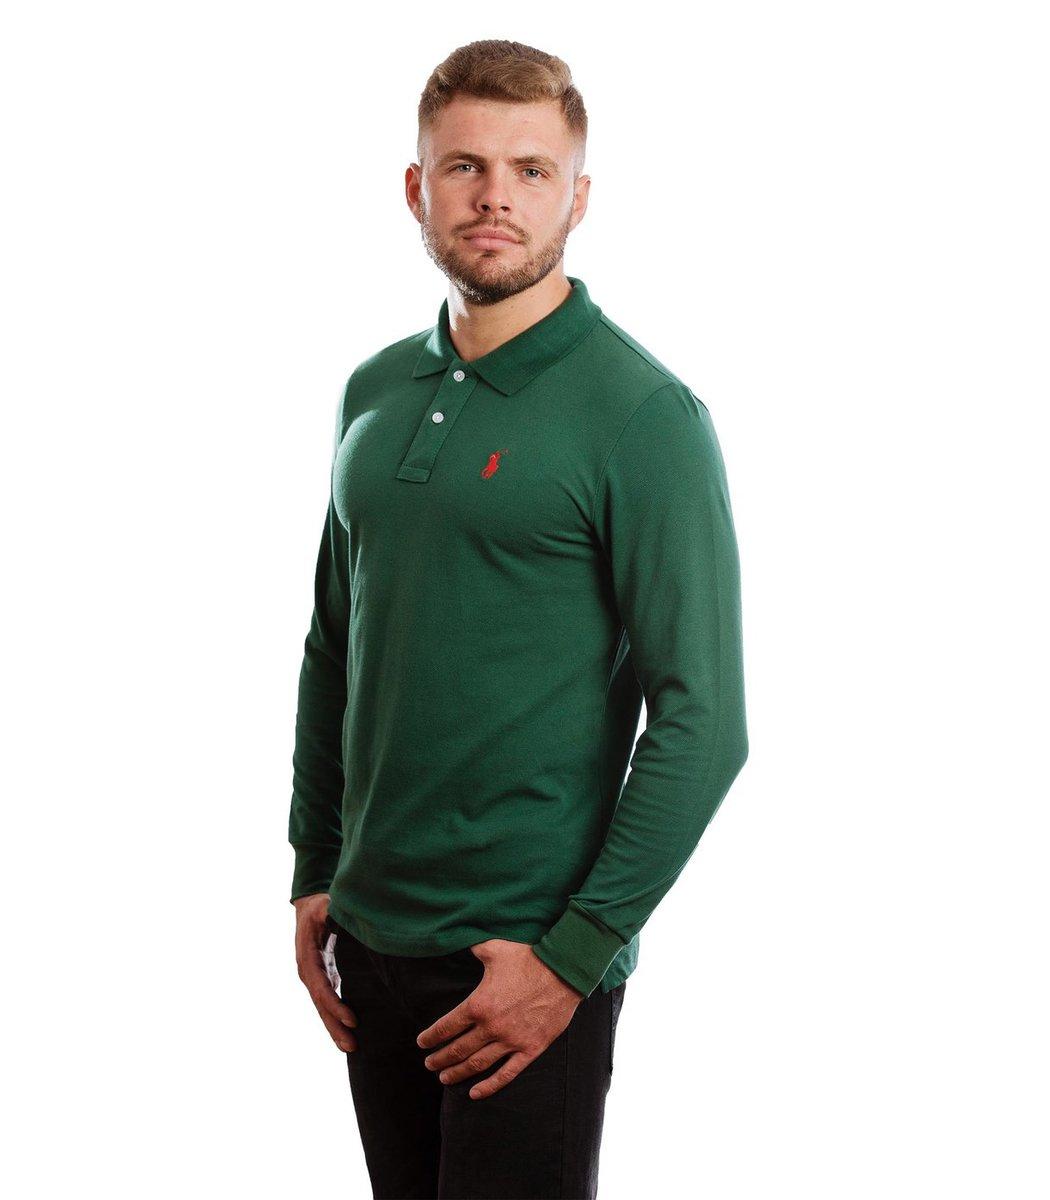 Зеленое поло с длинным рукавом POLO Ralph Lauren PR1  - Зеленый - Вид 4